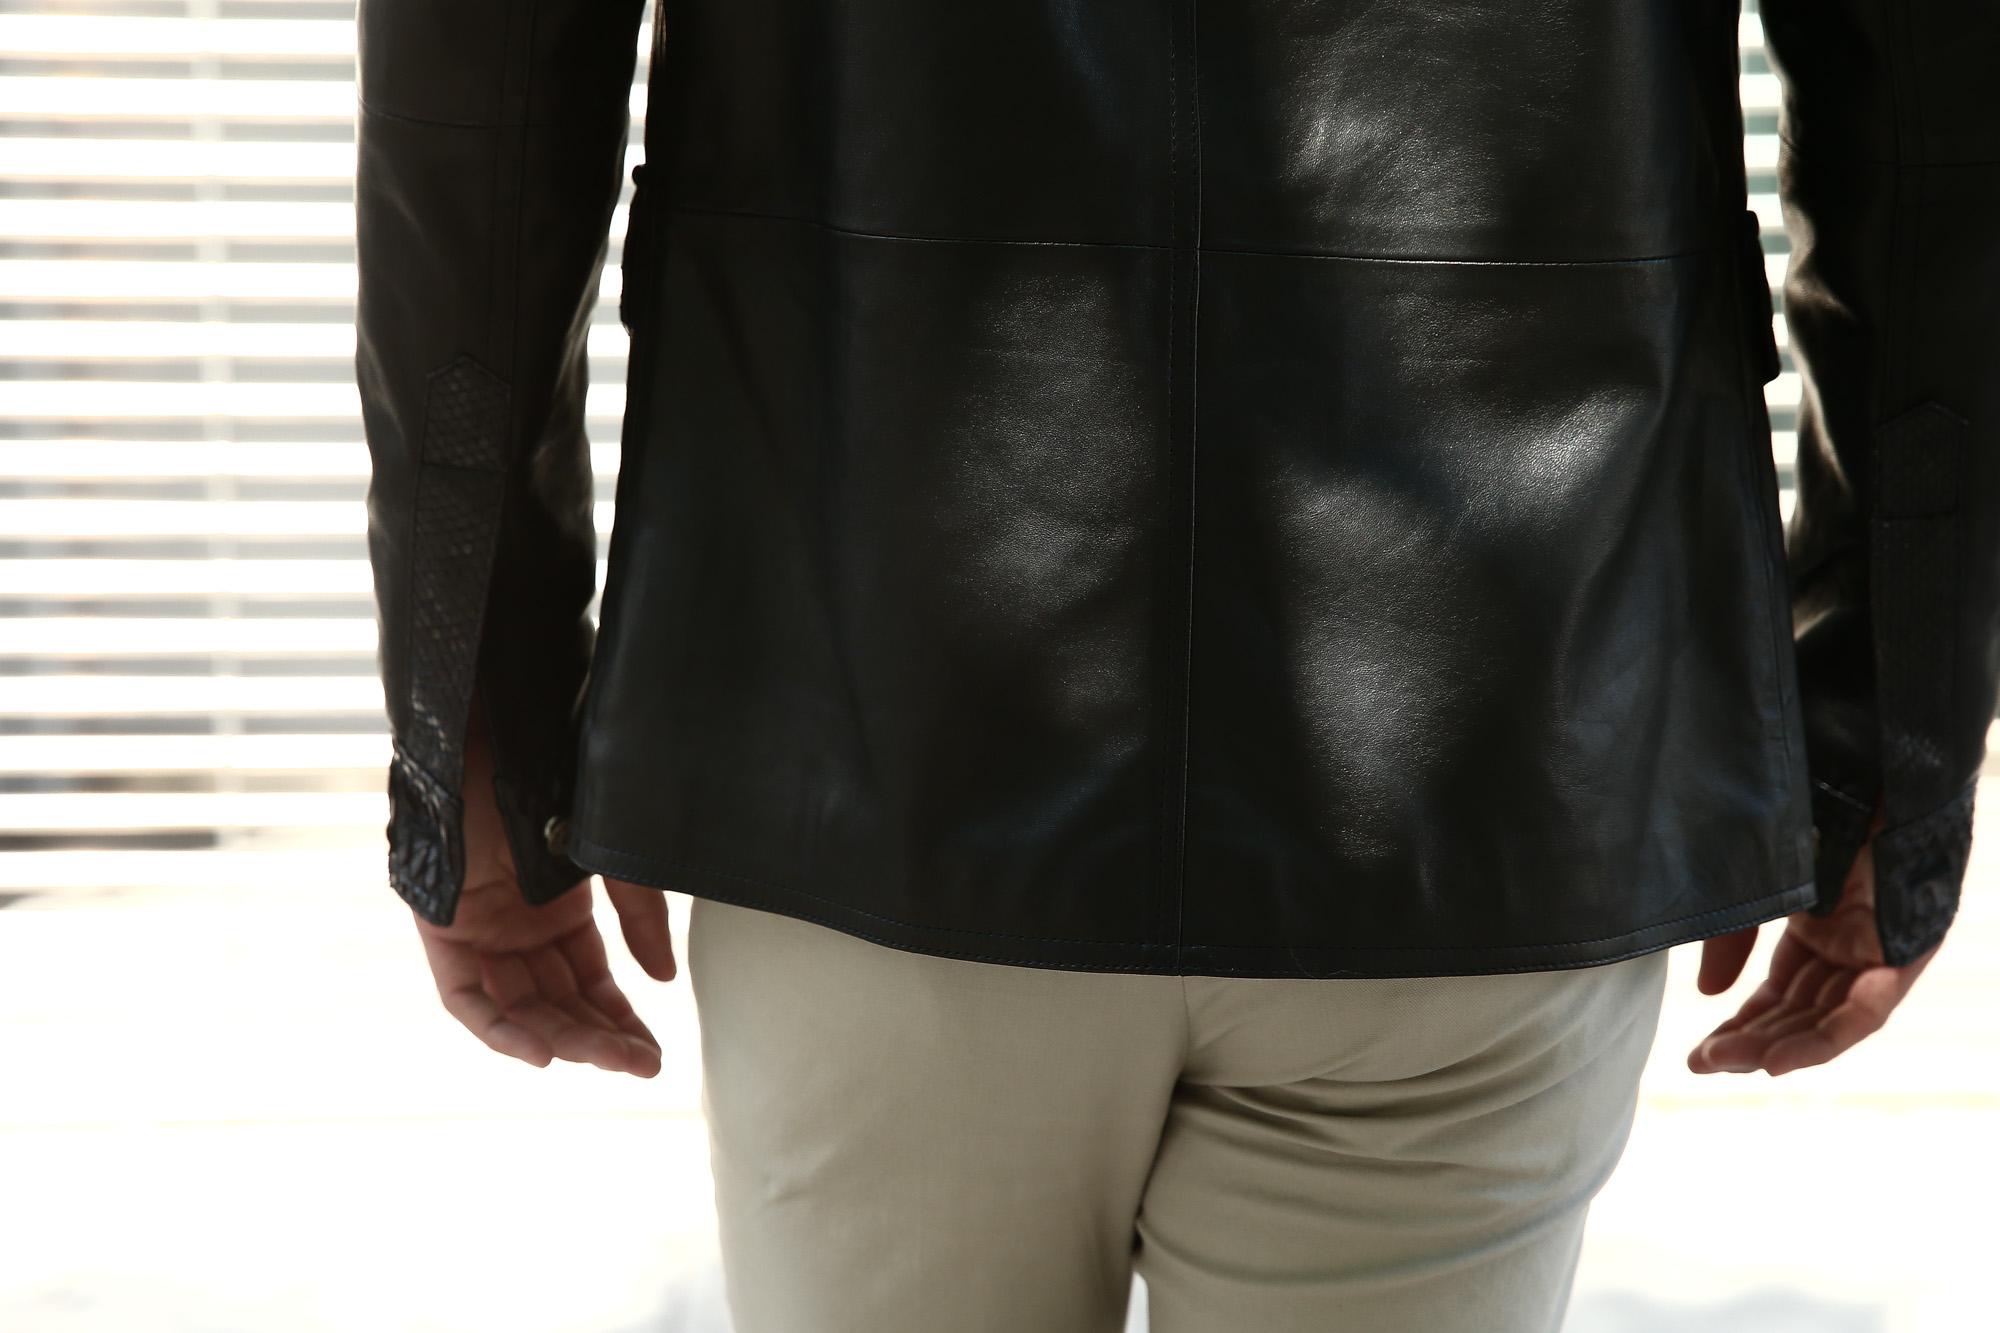 EMMETI (エンメティ) JAXON PITONE (ジャクソン ピトーネ) Lambskin Nappa Leather × Pitone Leather ラムナッパレザー × パイソンレザー ジャケット NERO (ブラック・190/1) Made in italy (イタリア製) 2018 秋冬 【ご予約受け付け中】 emmeti エンメティ レザー エキゾチックレザー パイソン ブラックパイソン 愛知 名古屋 Alto e Diritto アルト エ デリット 42,44,46,48,50,52